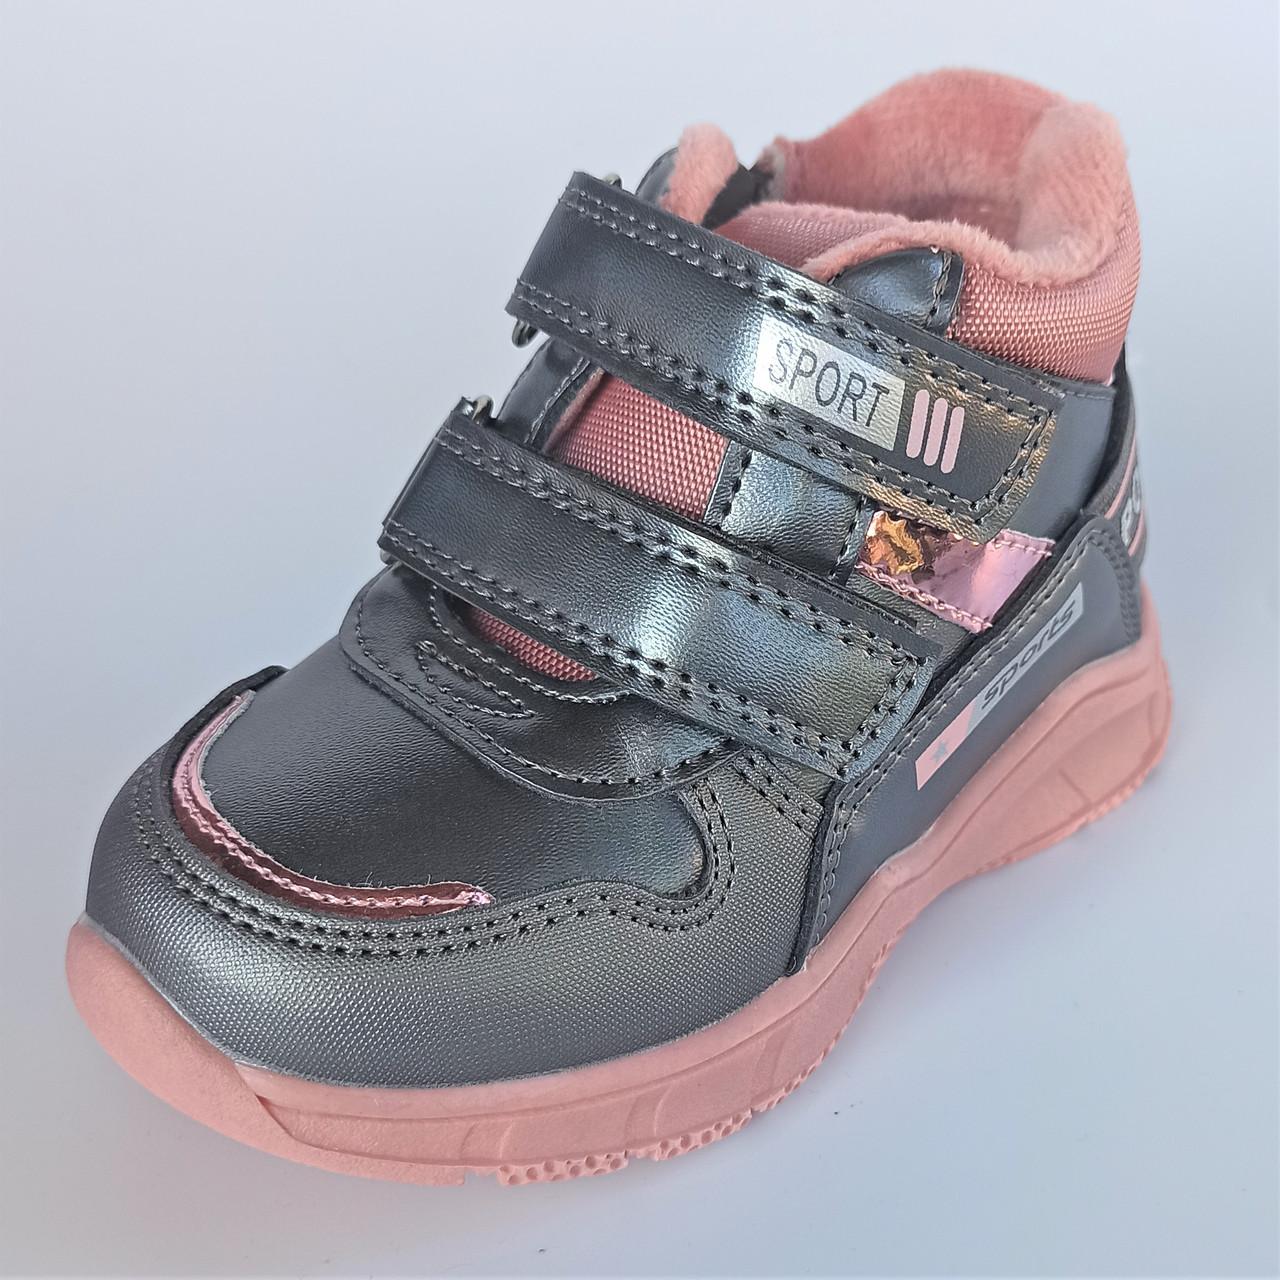 Демисезонные ботиночки на девочку, Weestep (код 1342) размеры: 22-26